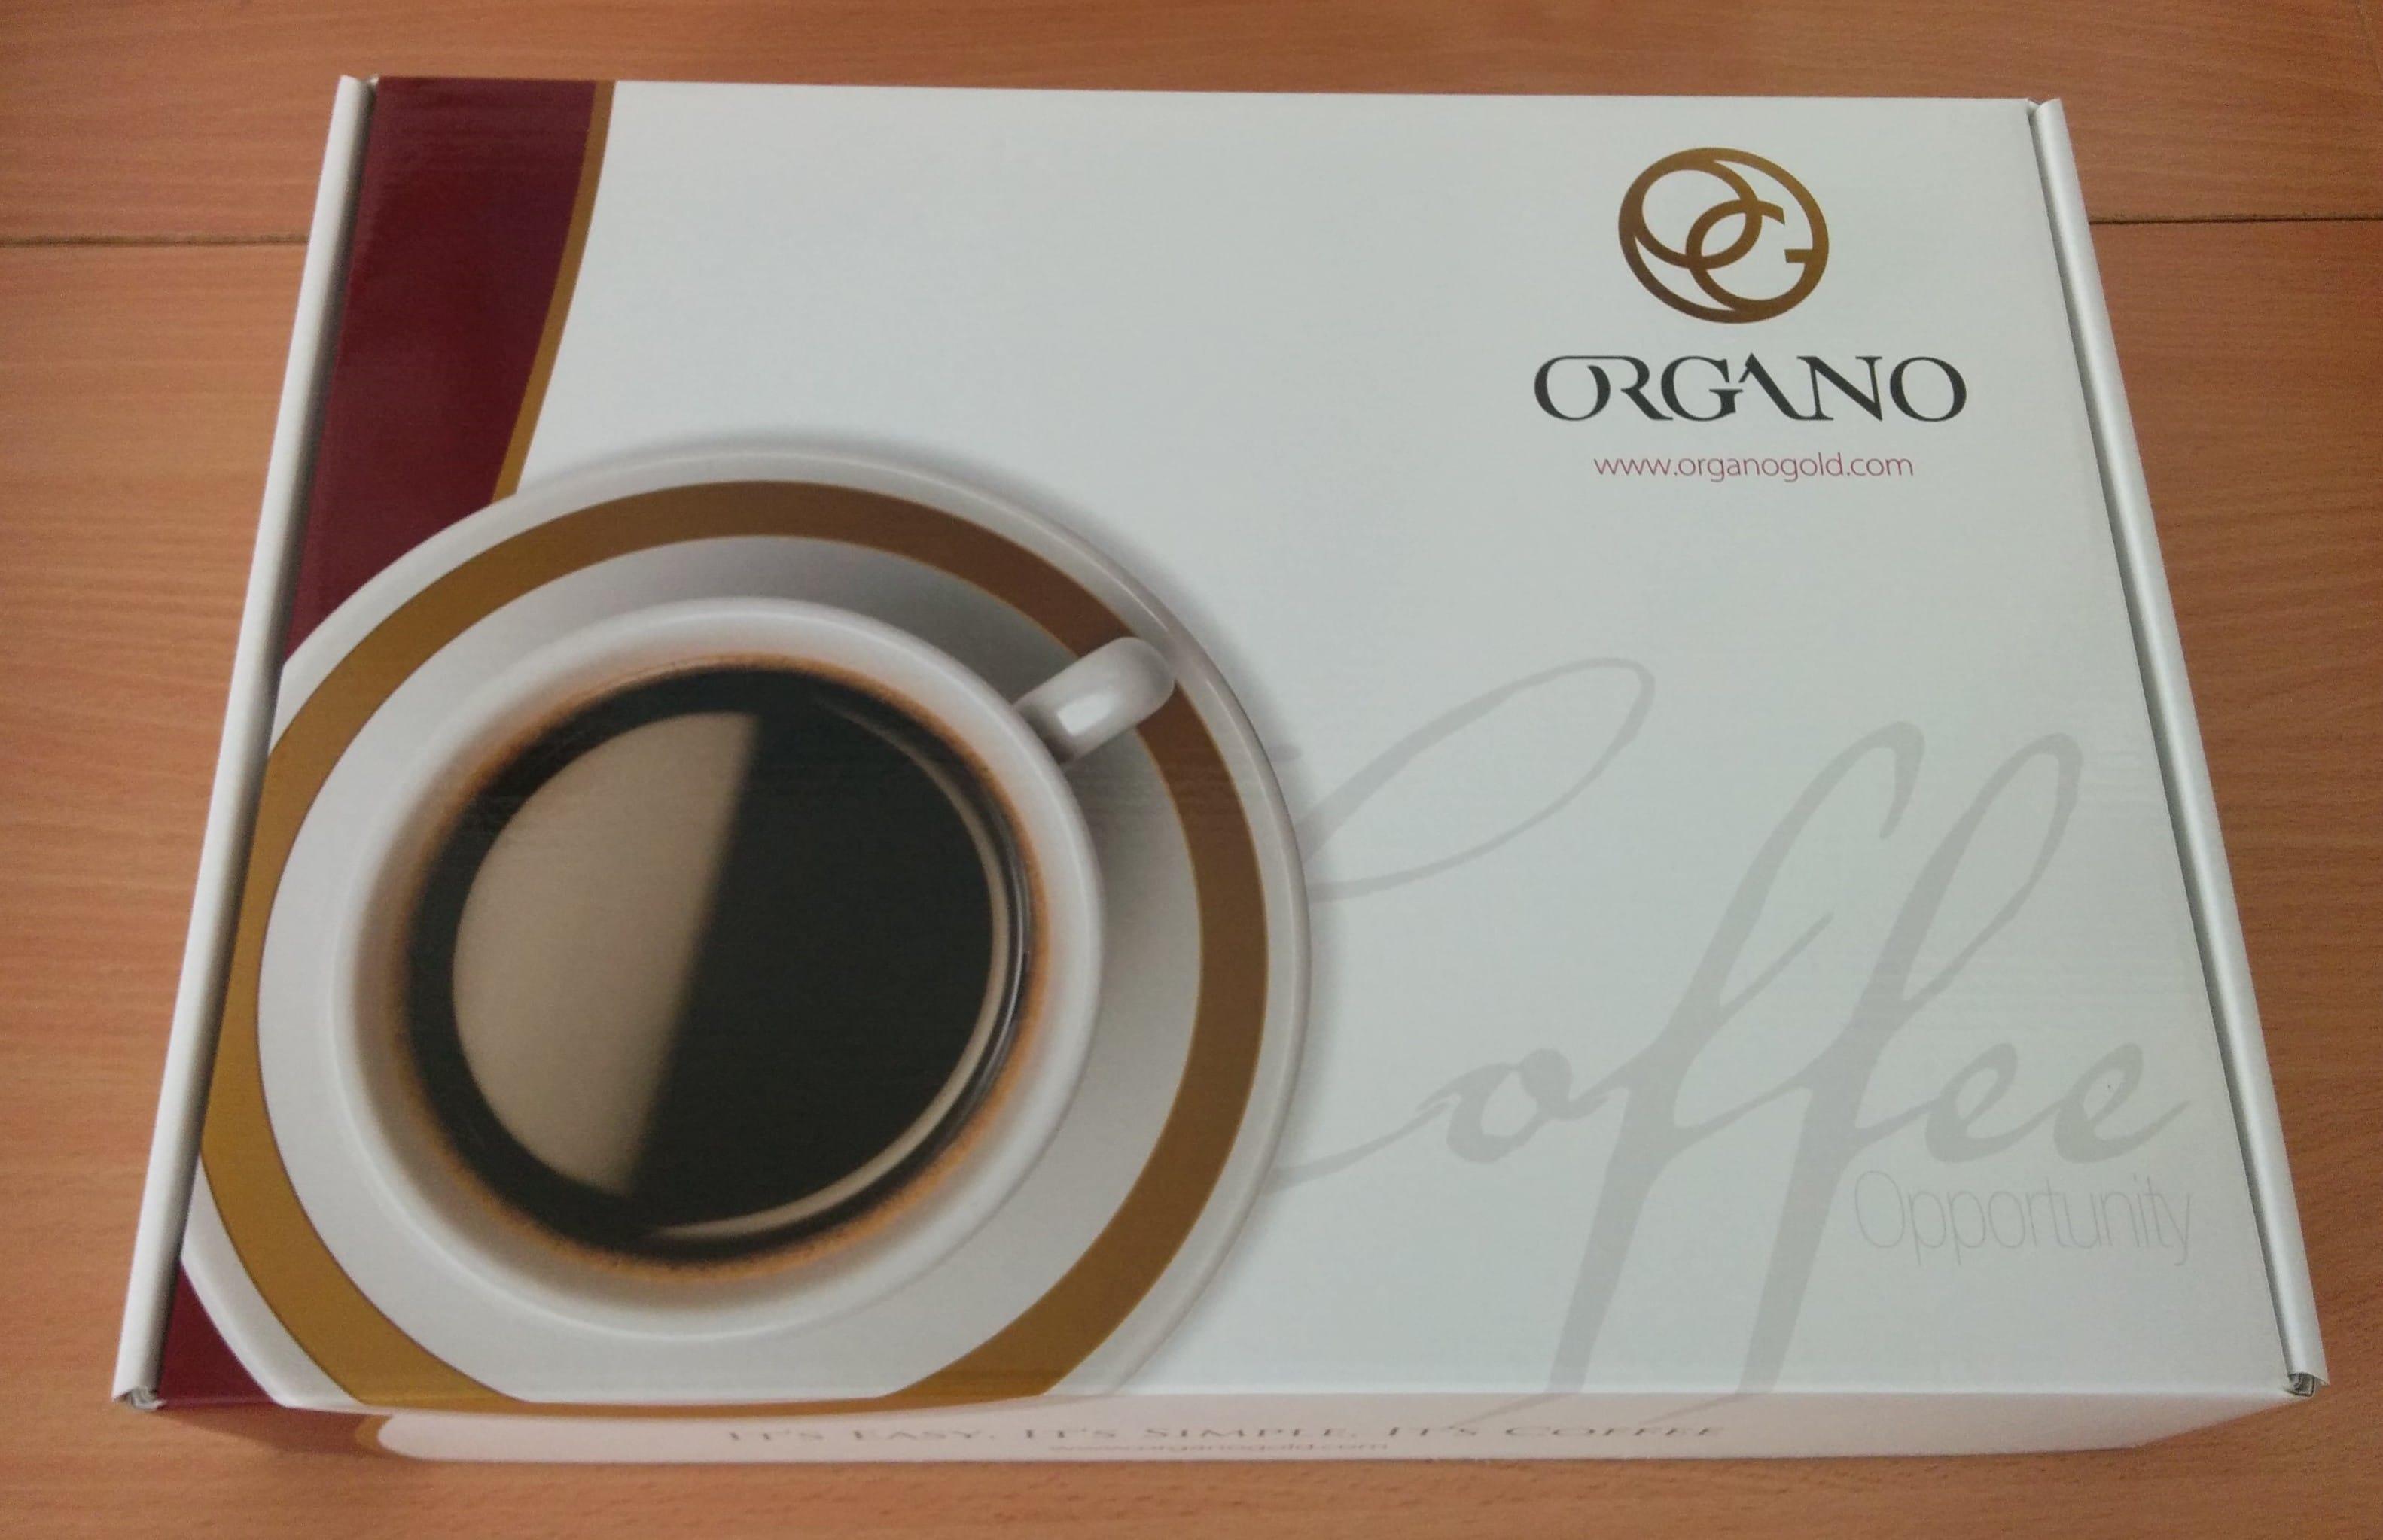 Organo Gold distributor kit